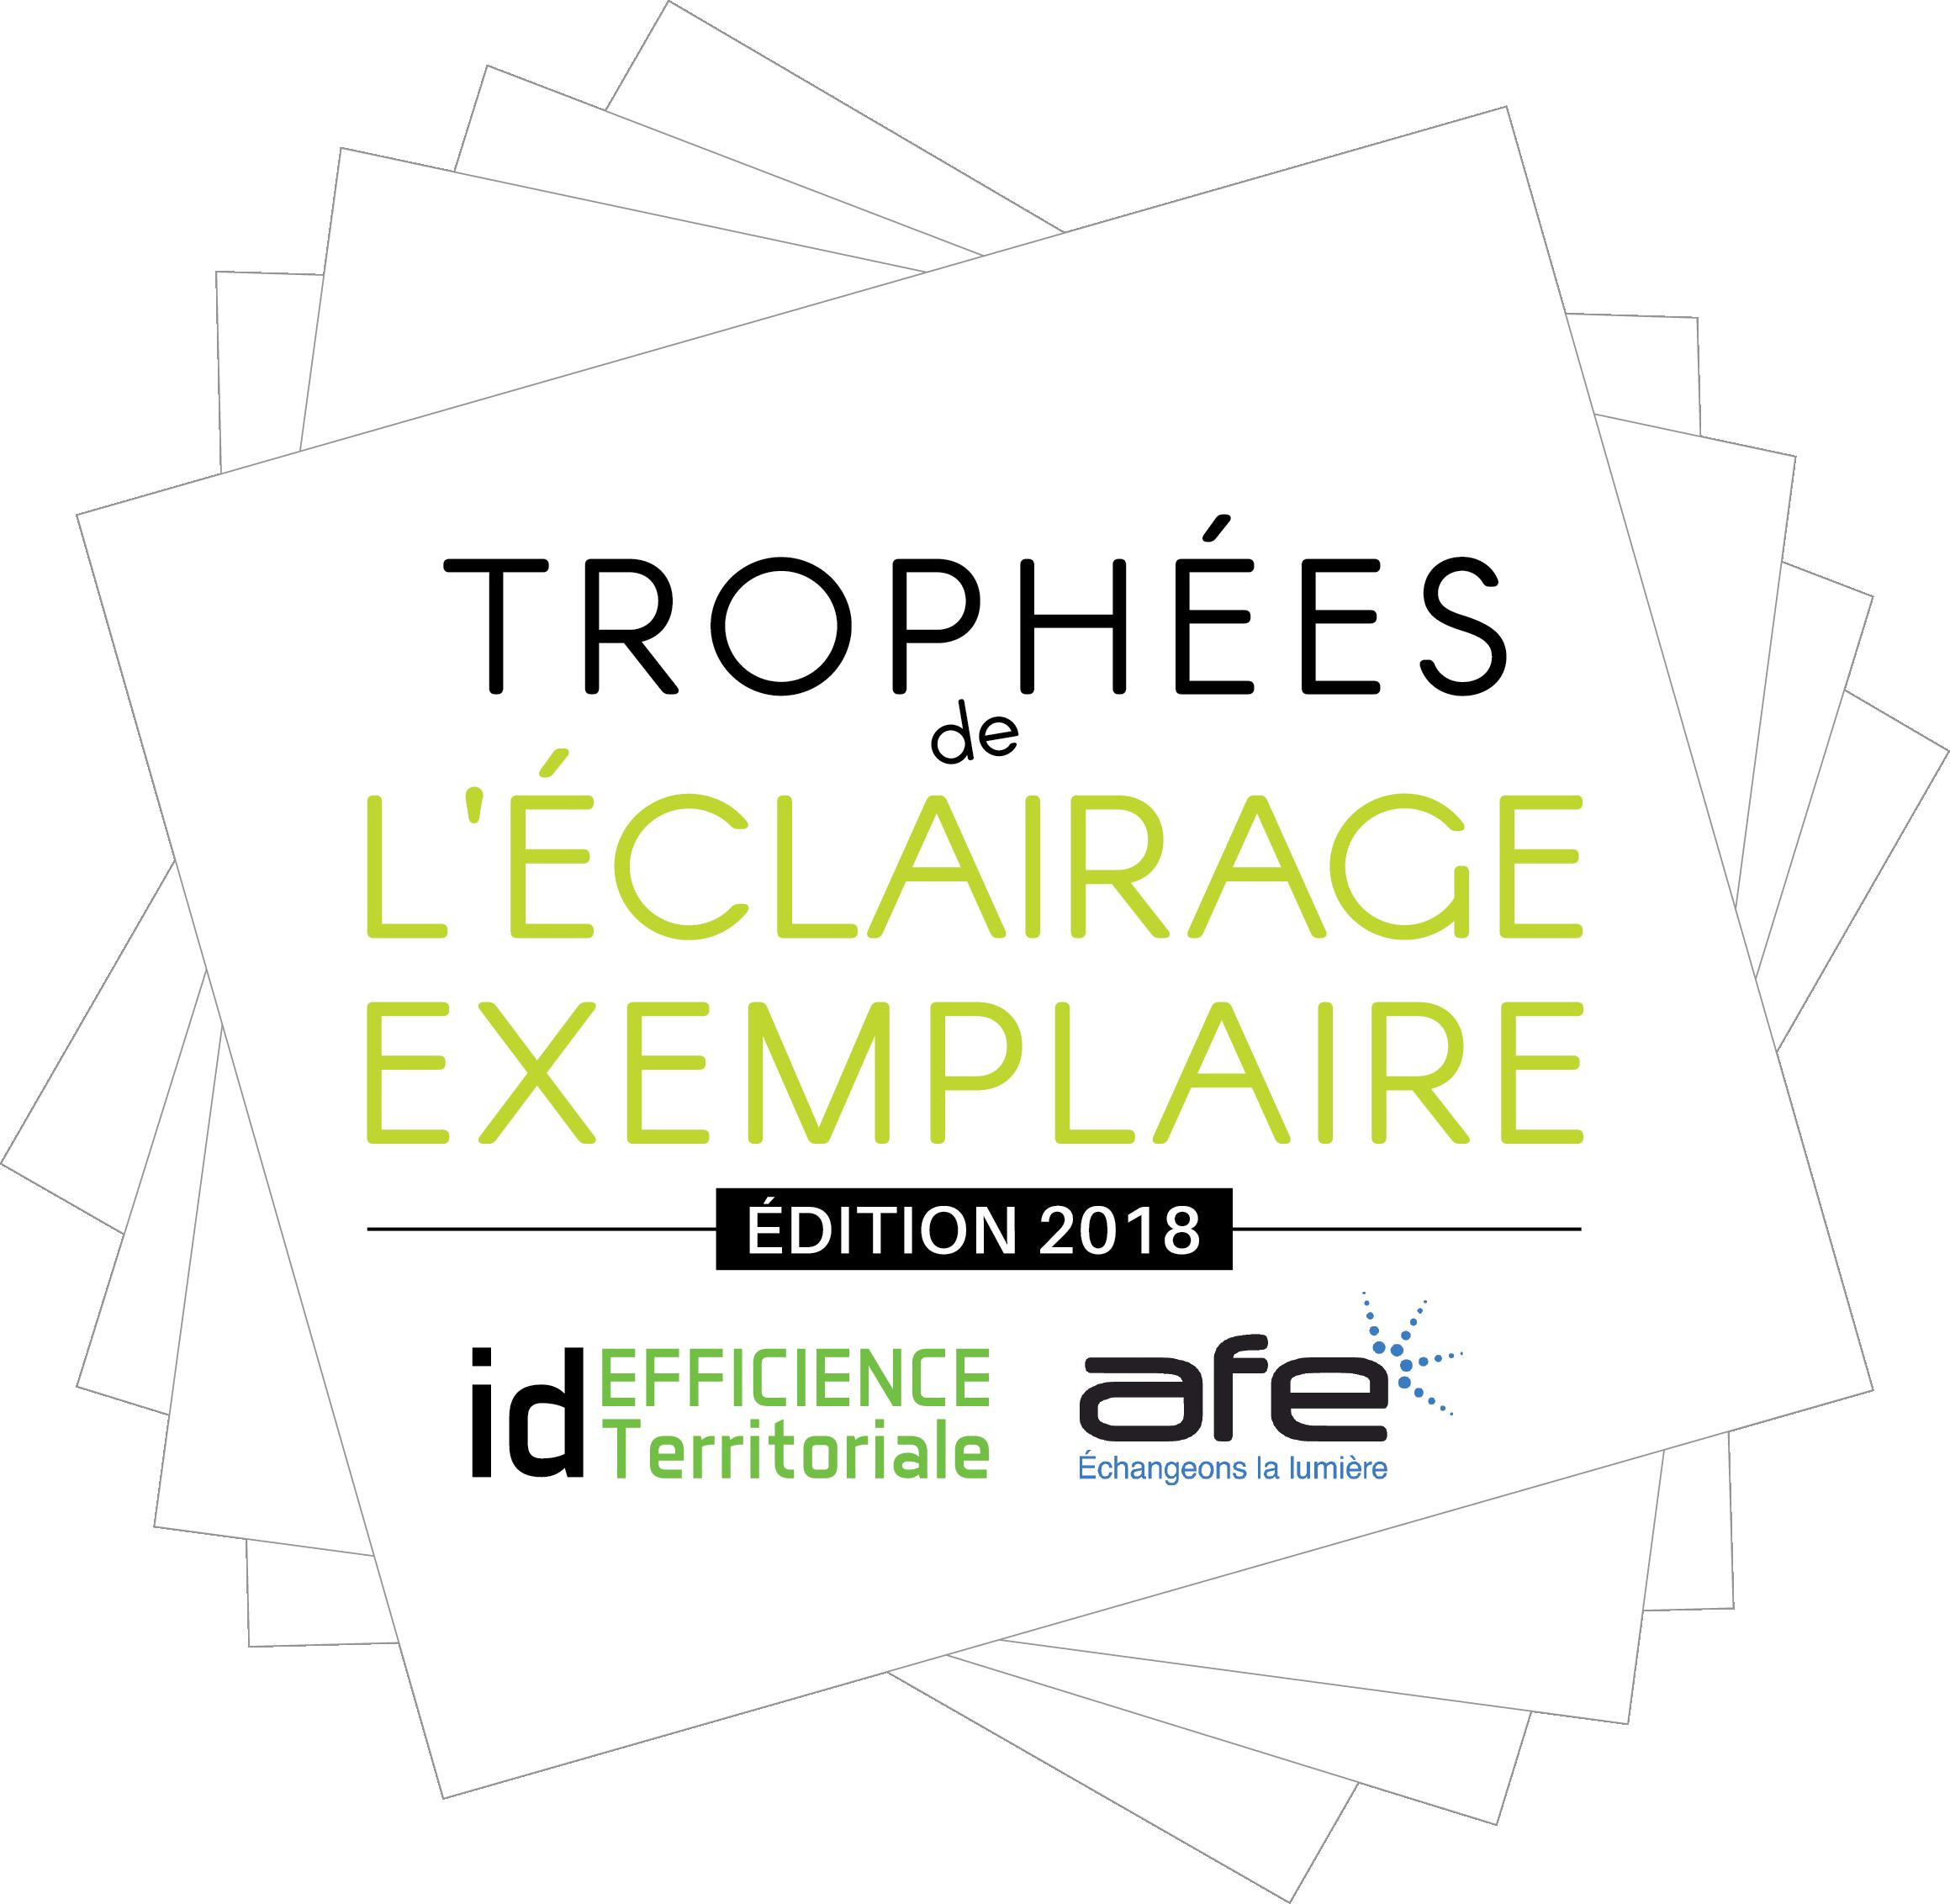 Trophées de l'éclairage exemplaire AFE / ID Efficience Territoriale